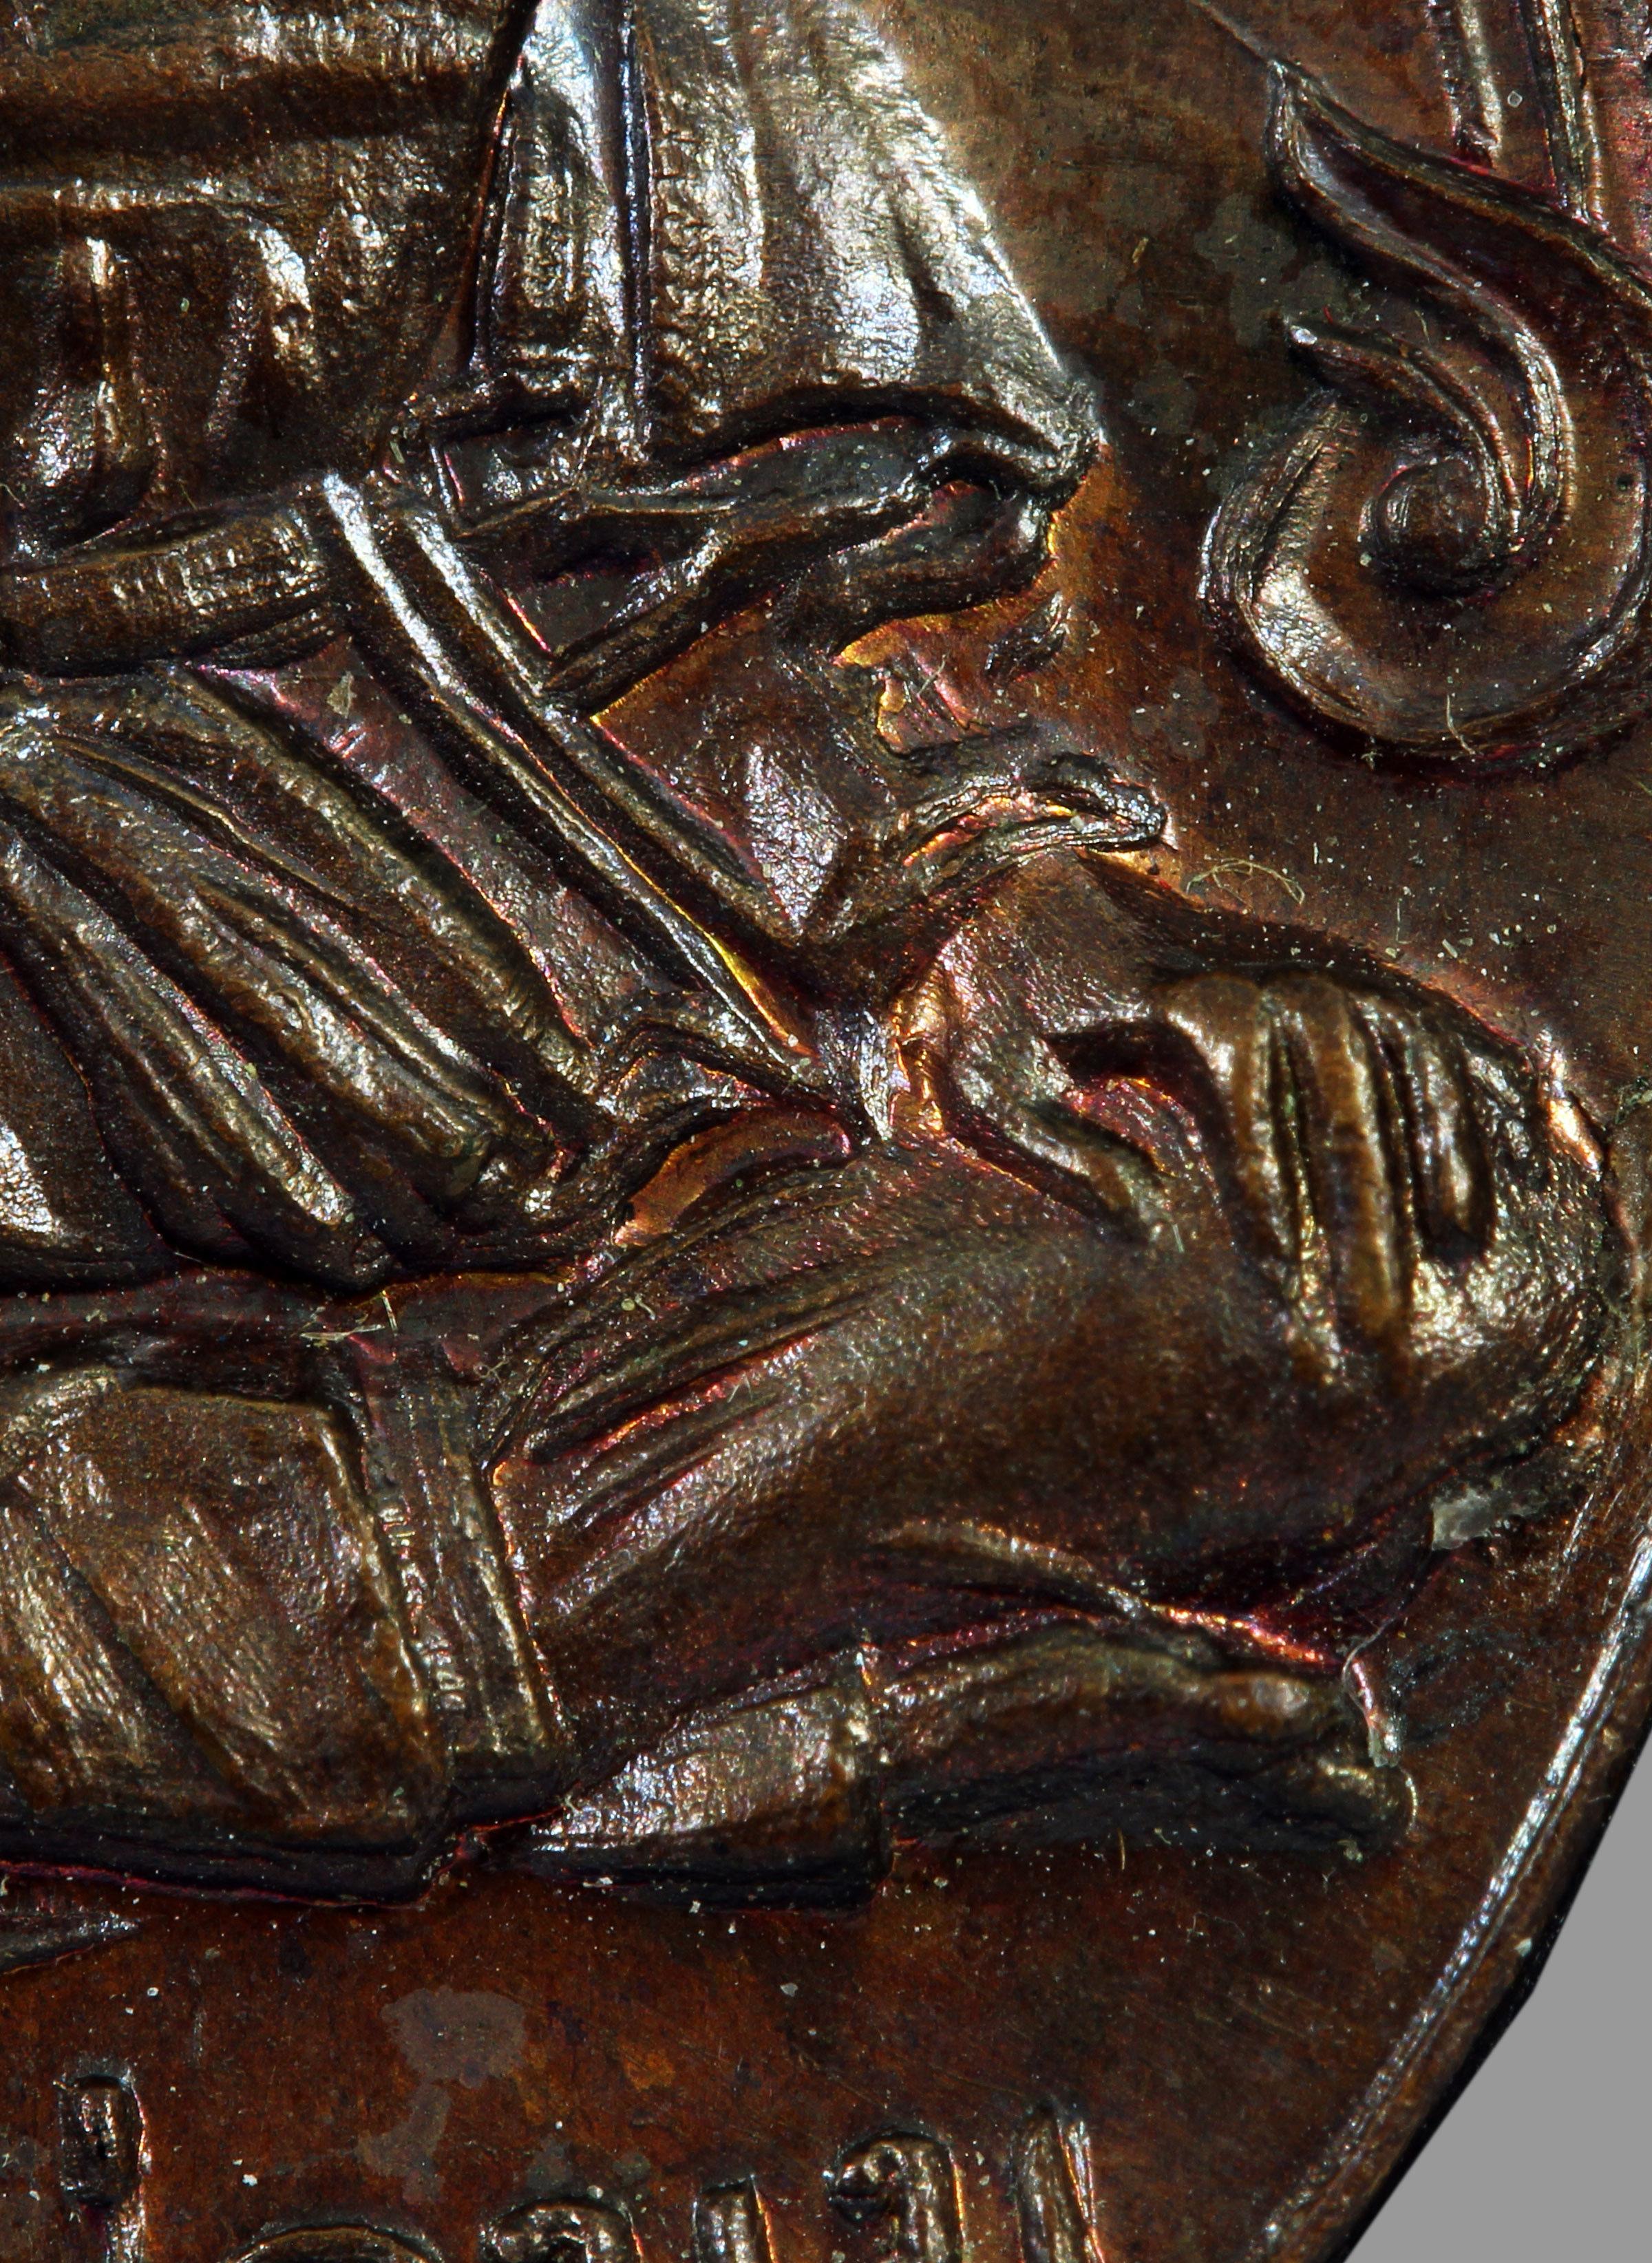 เหรียญนักกล้าม หลวงพ่อมุม วัดปราสาทเยอร์ เนื้อทองแดง ปี2517 พิมพ์นิยมประคตยาว